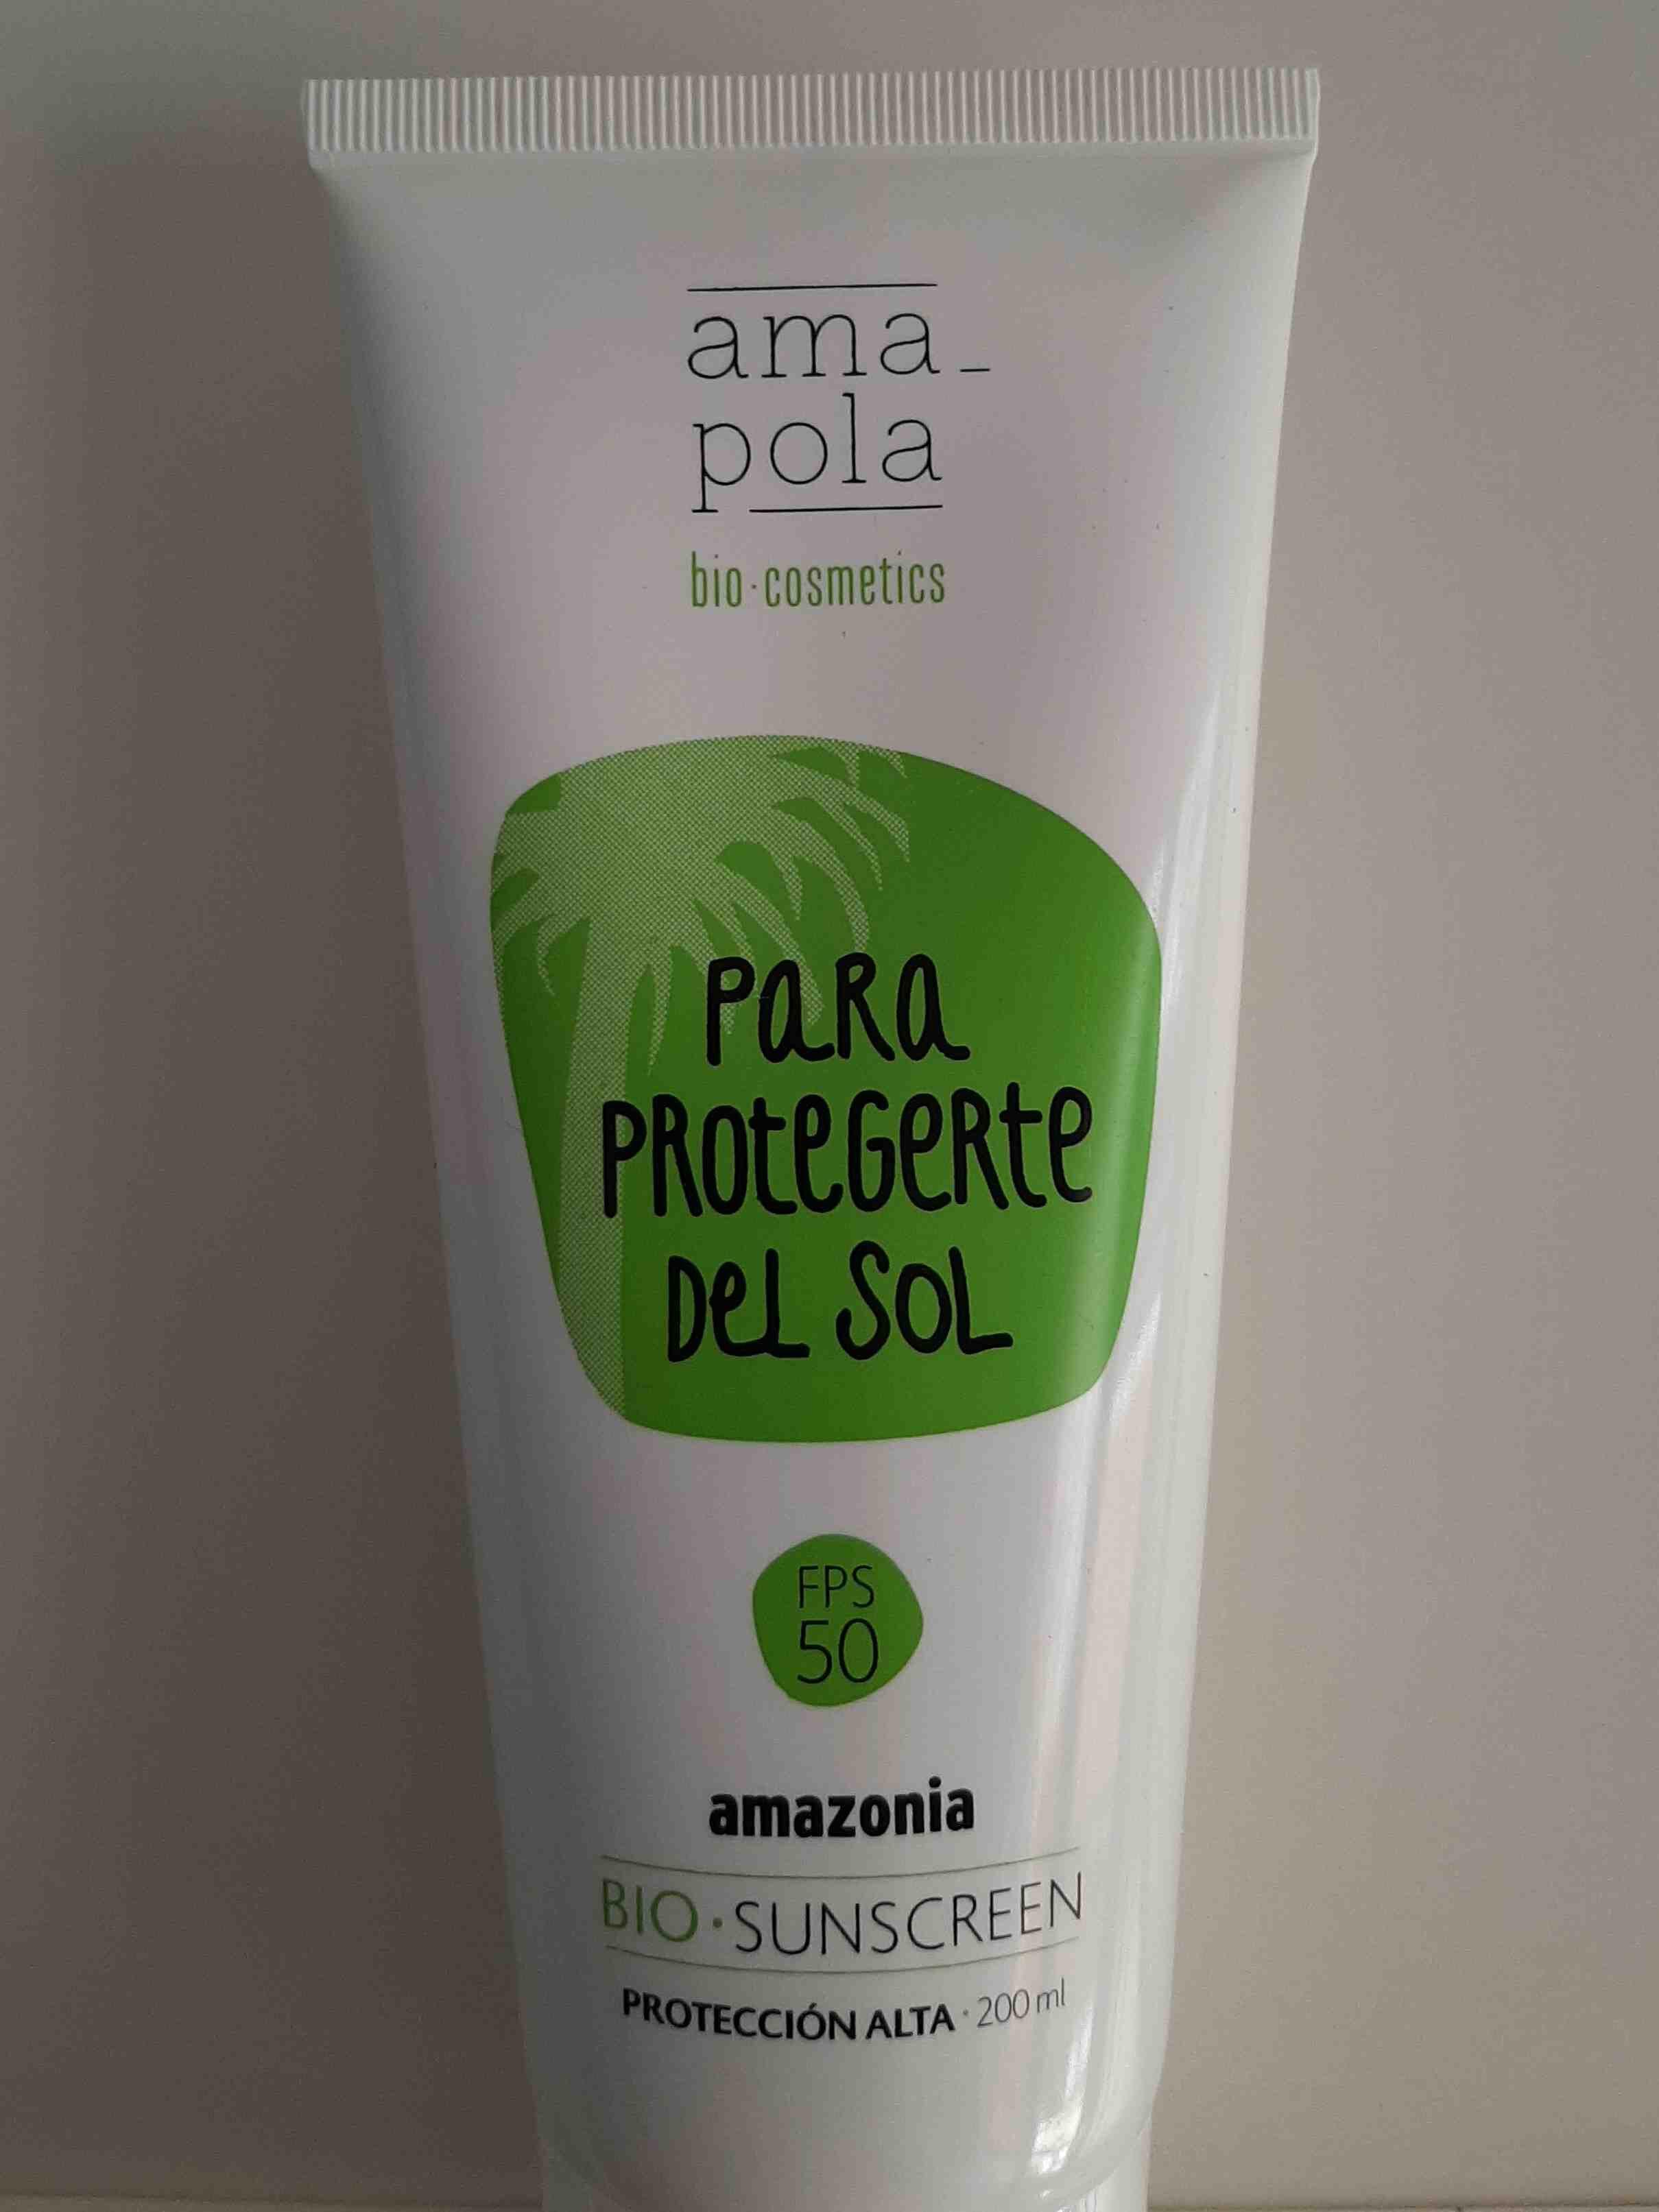 Protector solar. FPS 50, amapola bio cosmetics - Product - en